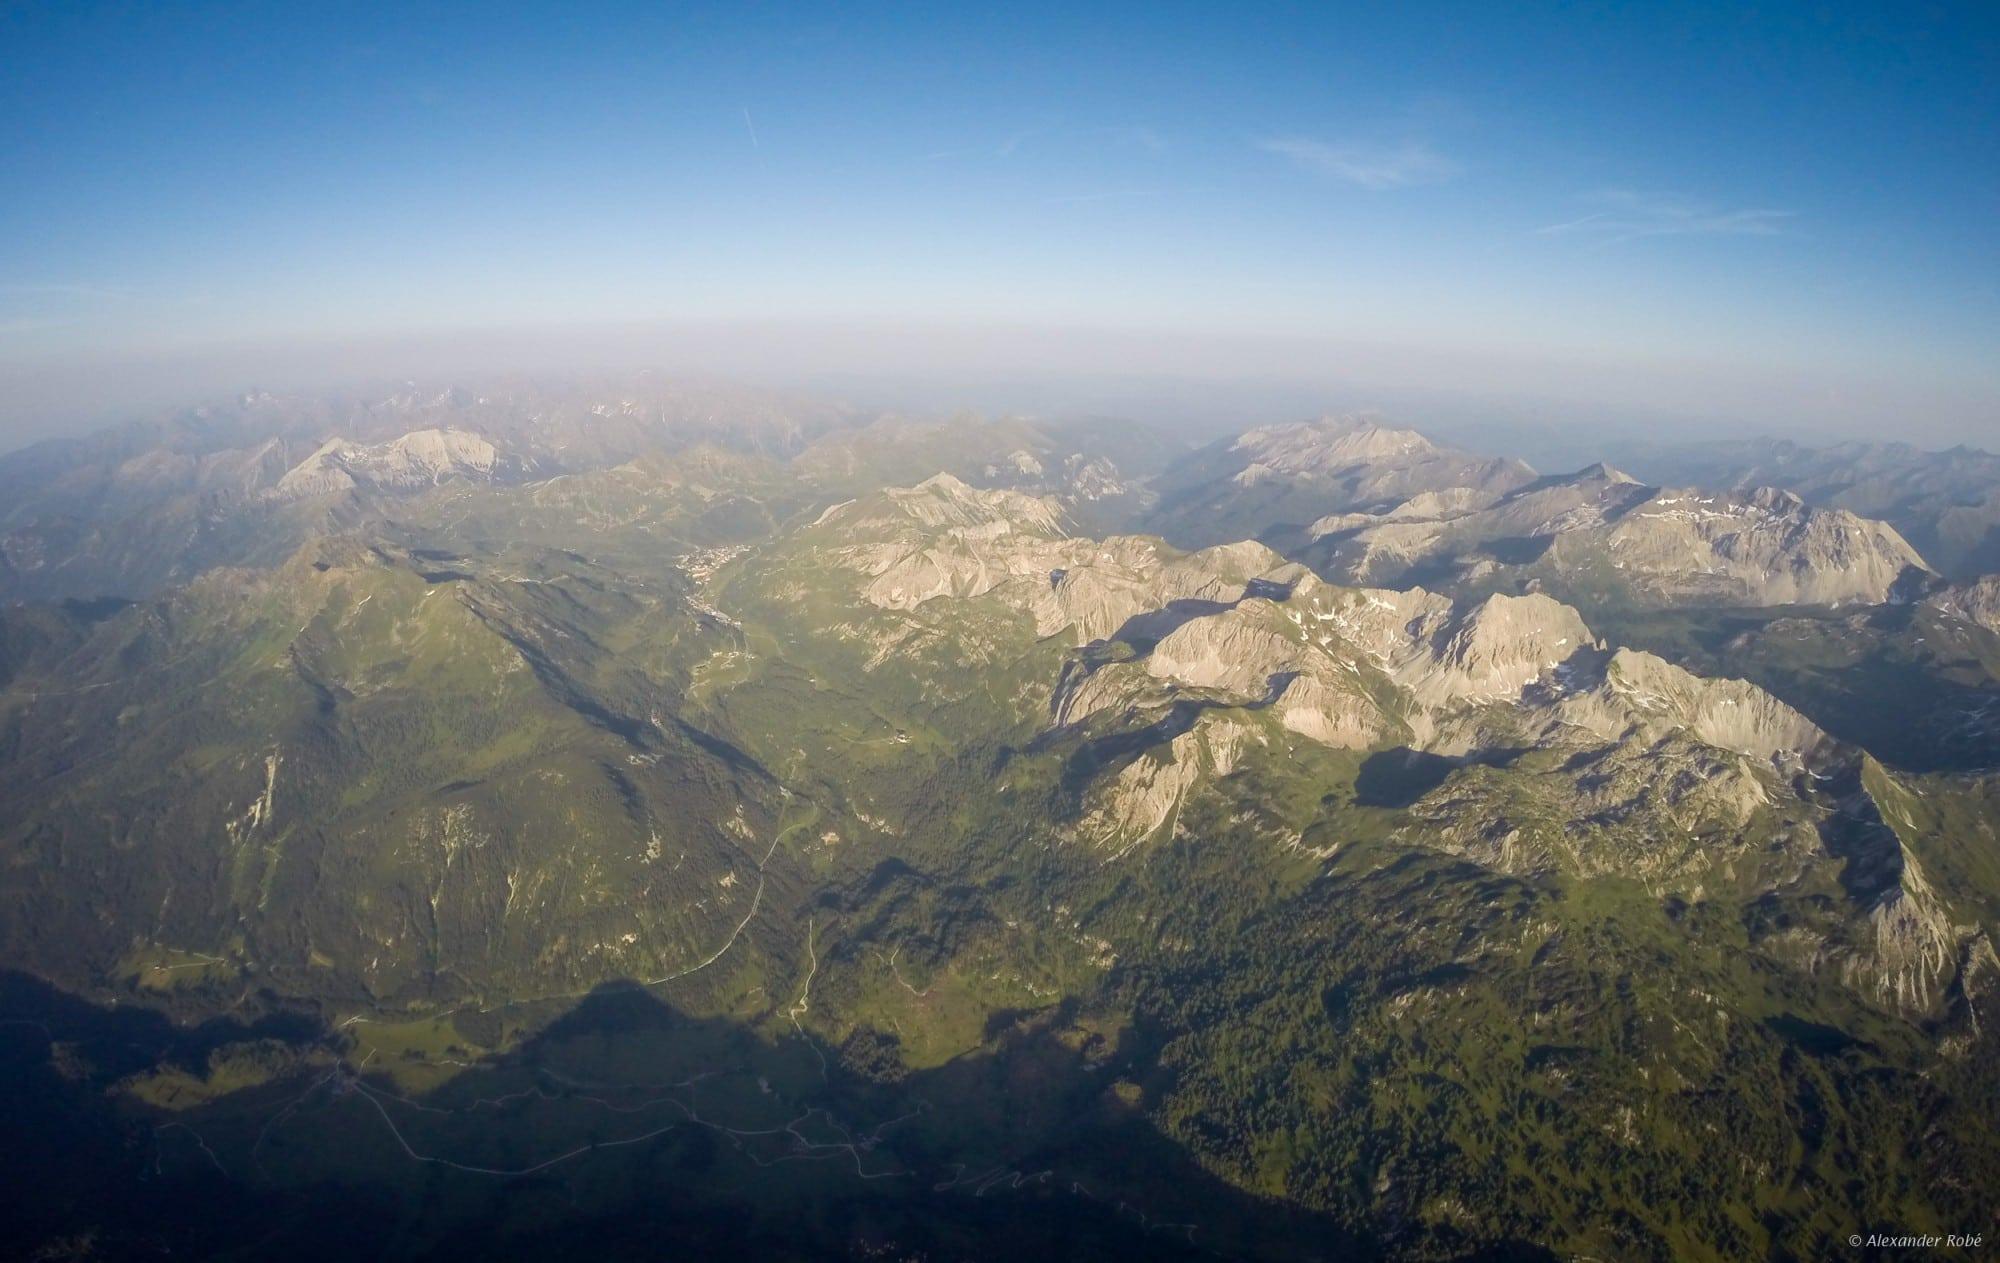 33: ...ganz zu schweigen von einem solchen Blick aus 3300m auf Obertauern und die südl. Ostalpen - und das um 19:15 Uhr!